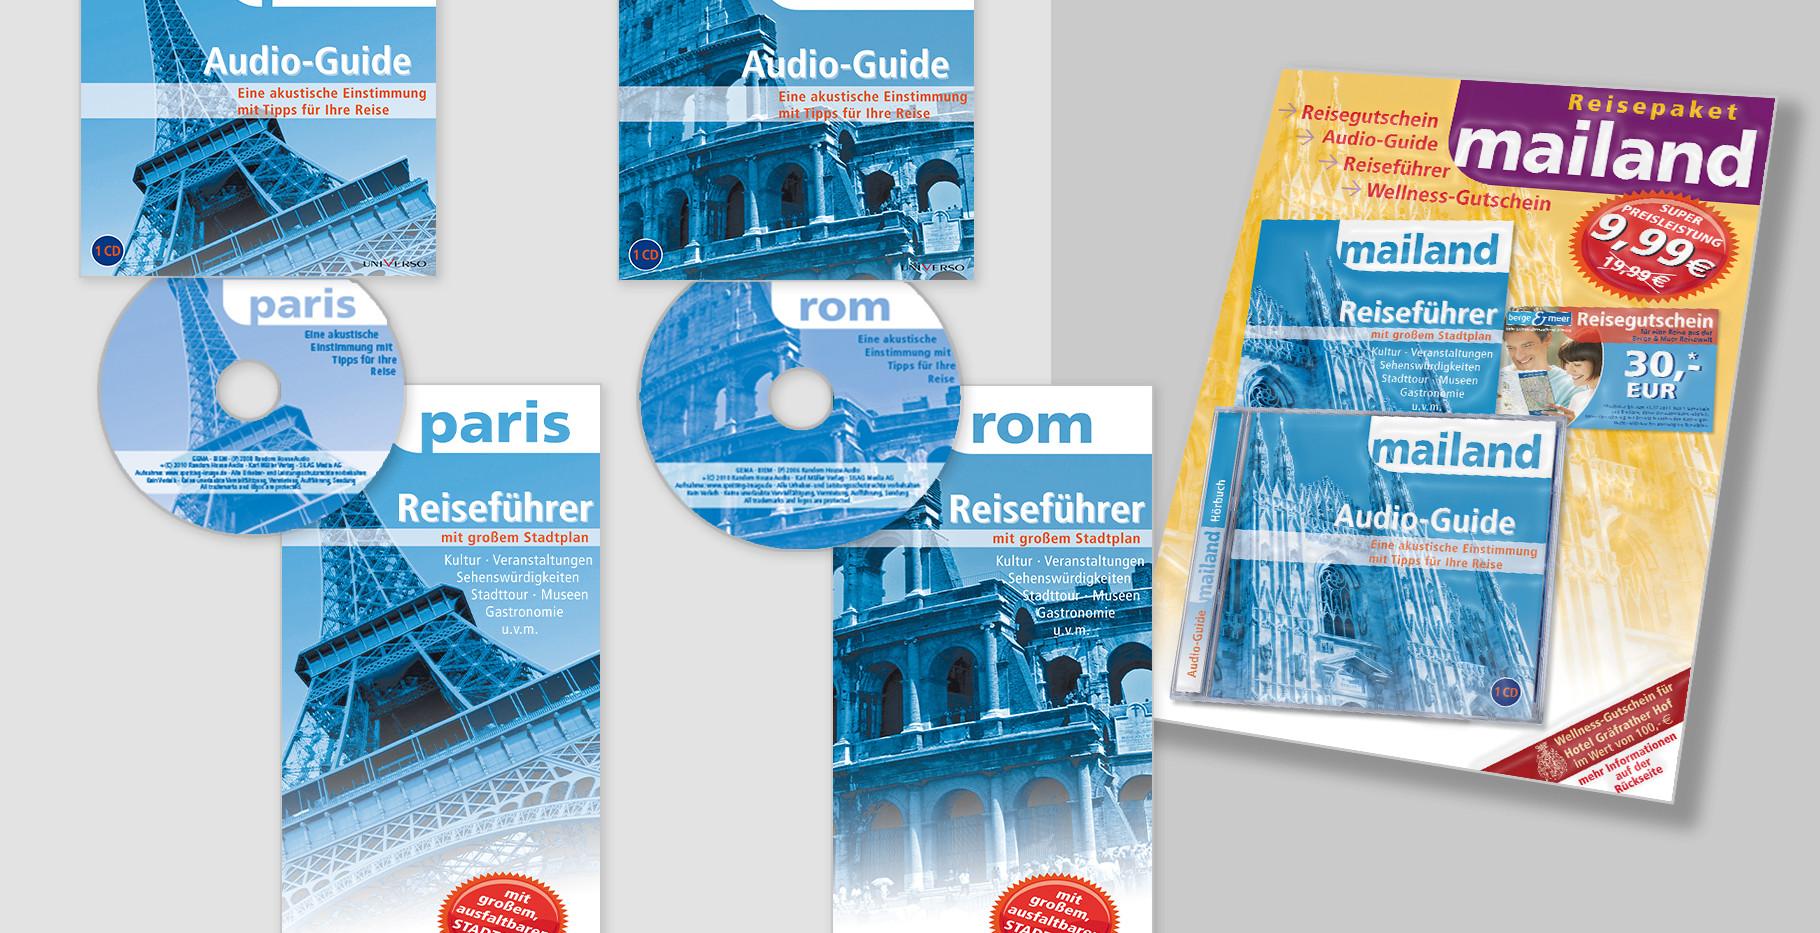 """""""Reisepaket"""" – Blister – Inhalt: Reiseführer inkl. Stadtplan, Audio-Guide - CD-Hörbuch, Reisegutschein, Wellnes-Gutschein"""